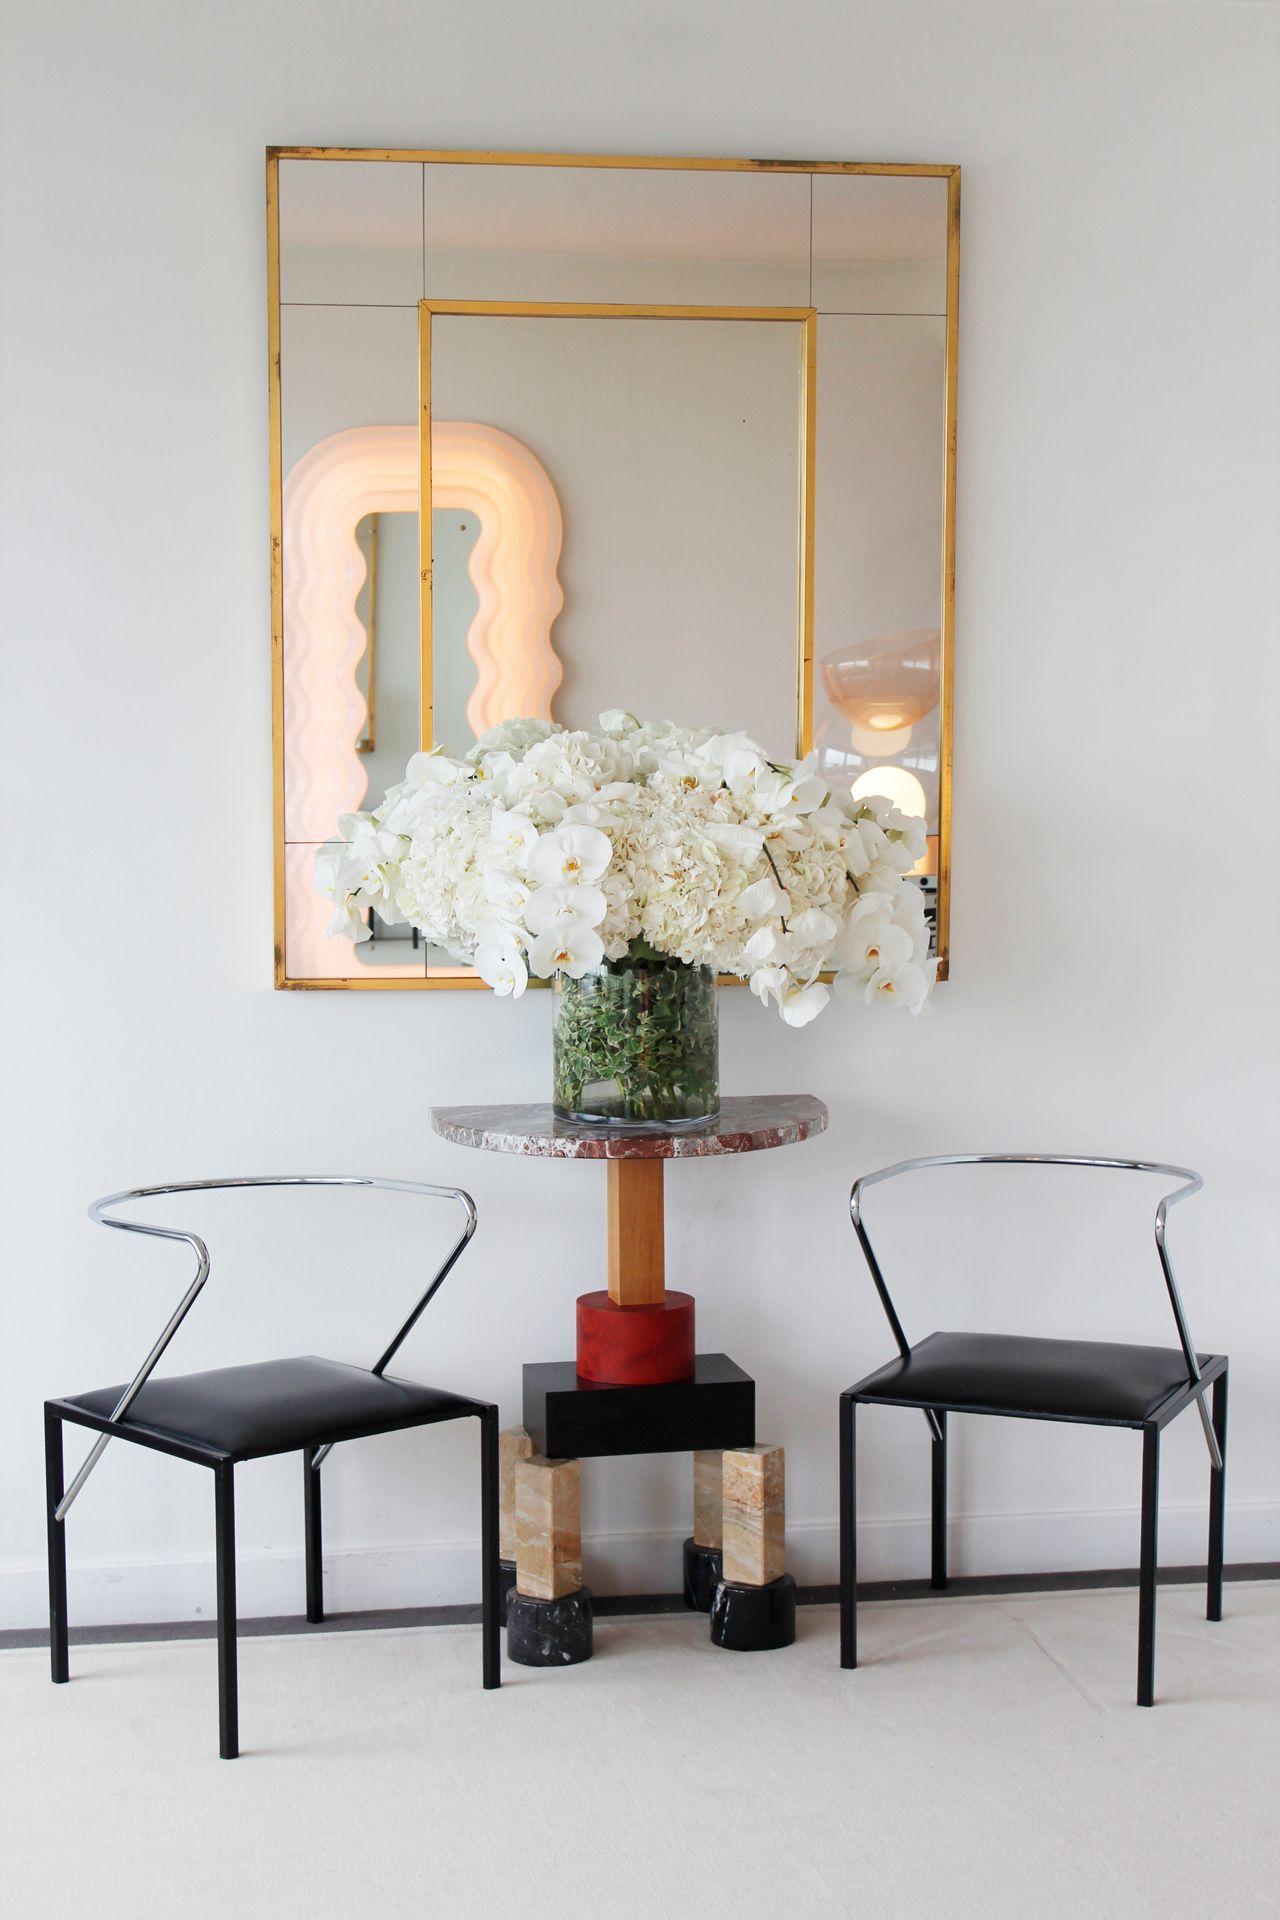 Designers\' Homes Explored | Designers, Interiors and Paris apartments